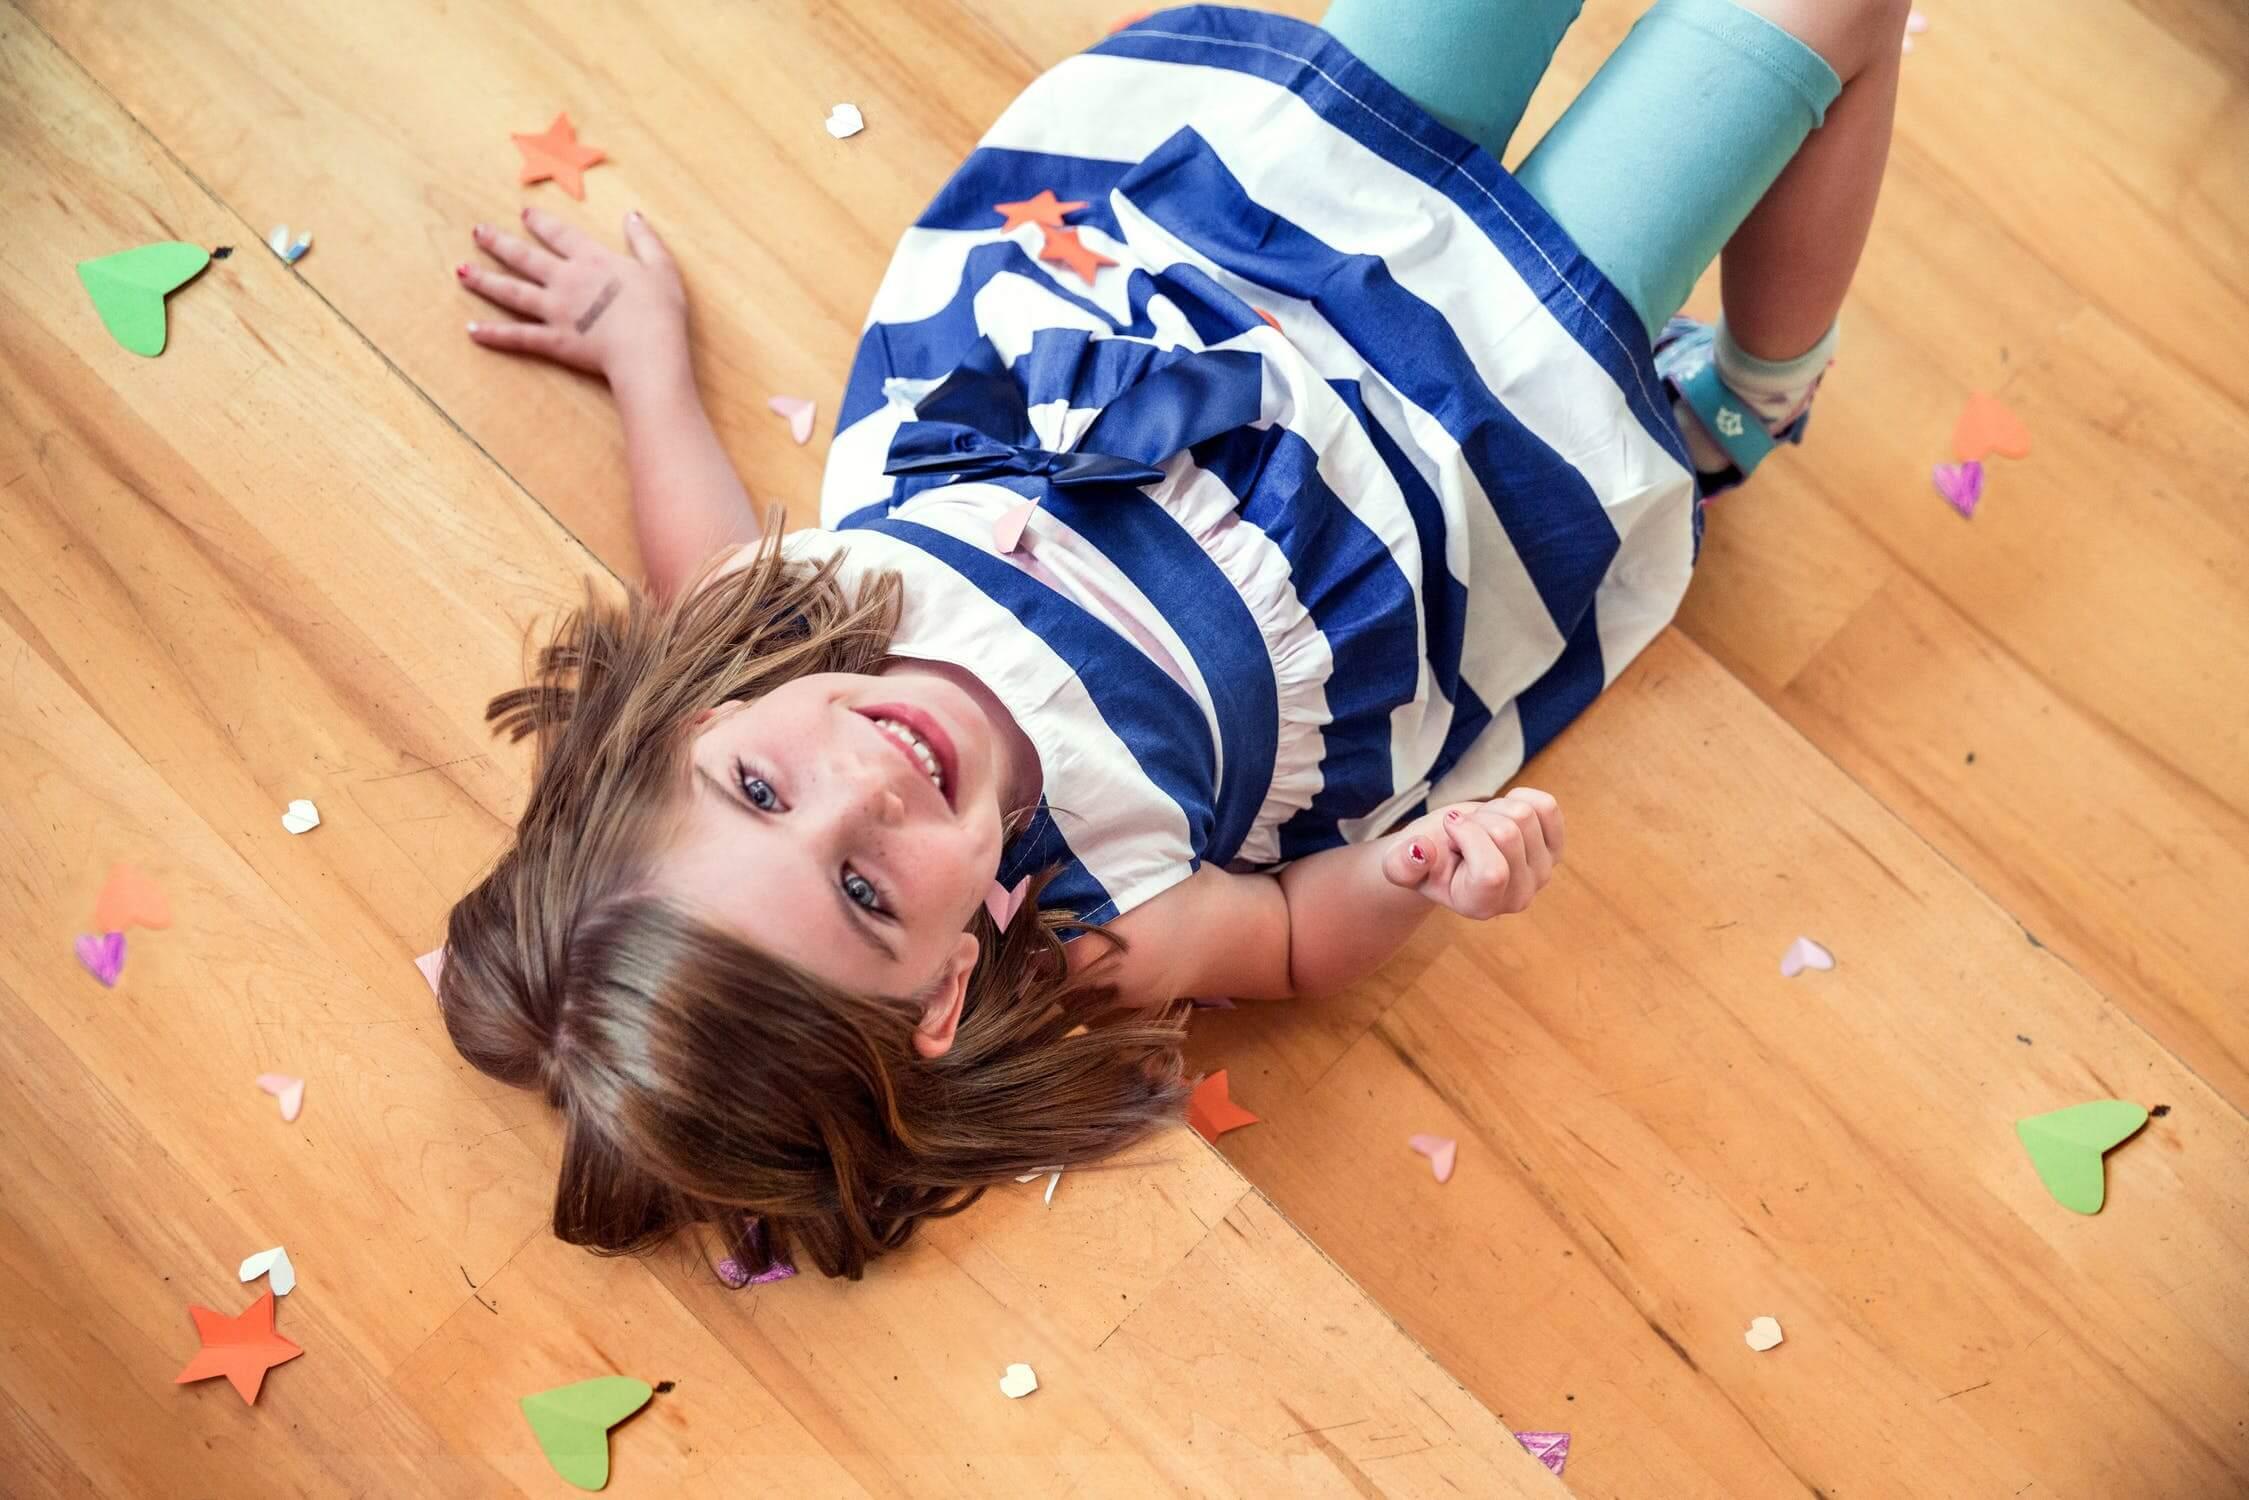 Petite fille sur plancher en bois